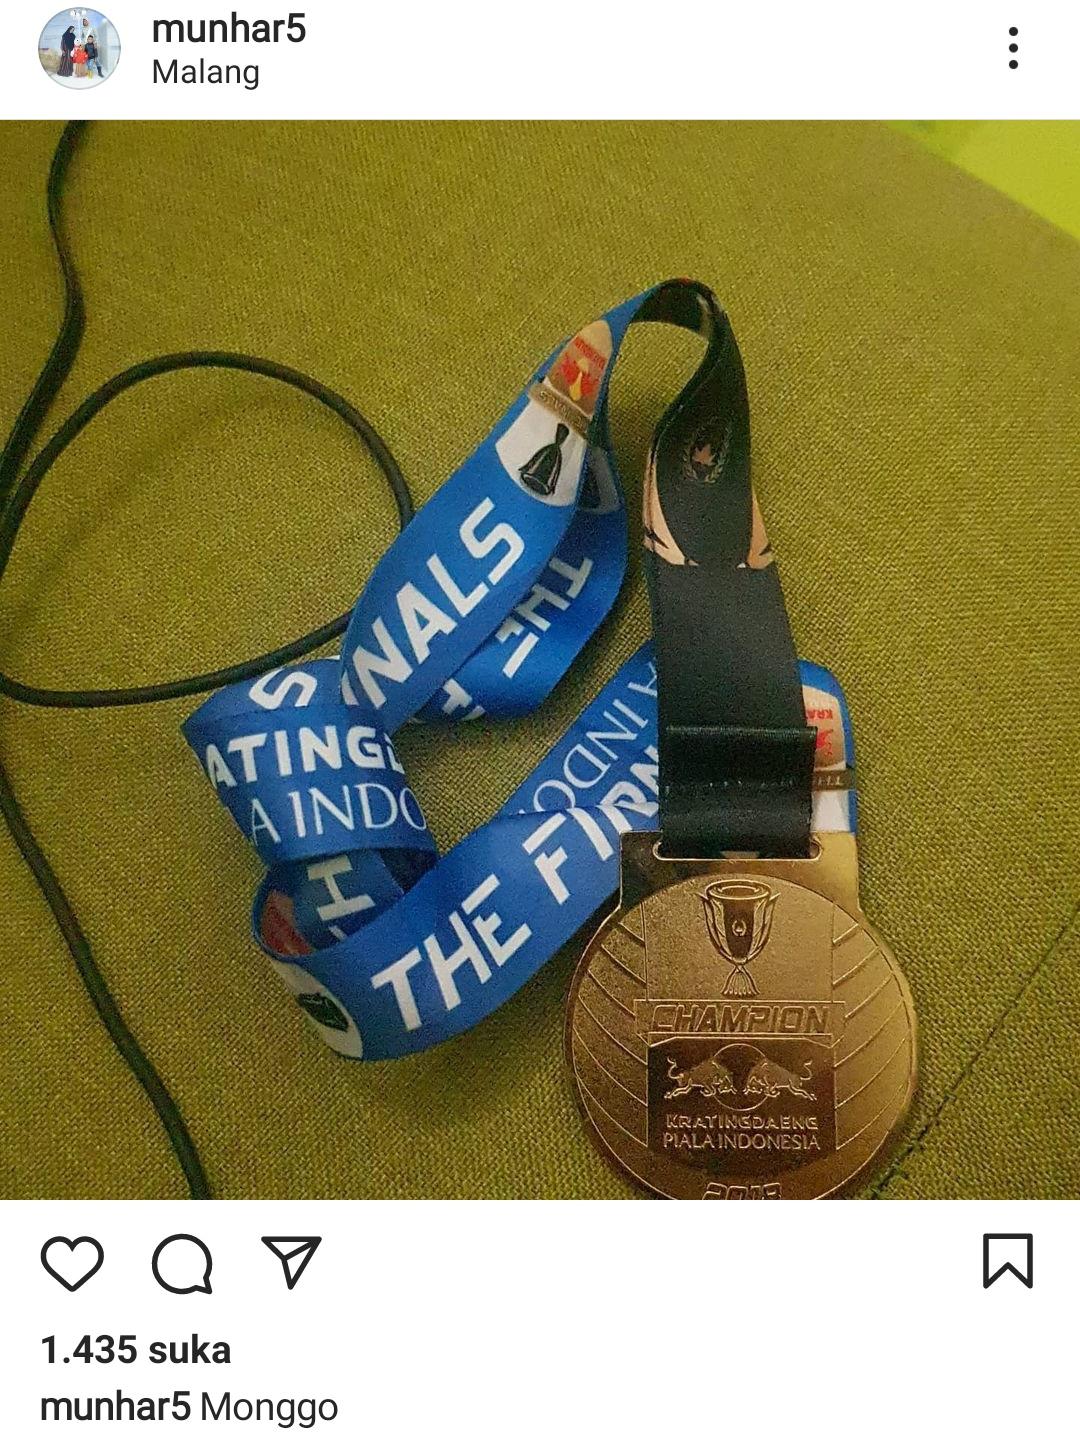 Libur Kompetisi, Mantan Bek Arema FC Lelang Medali untuk Hidup